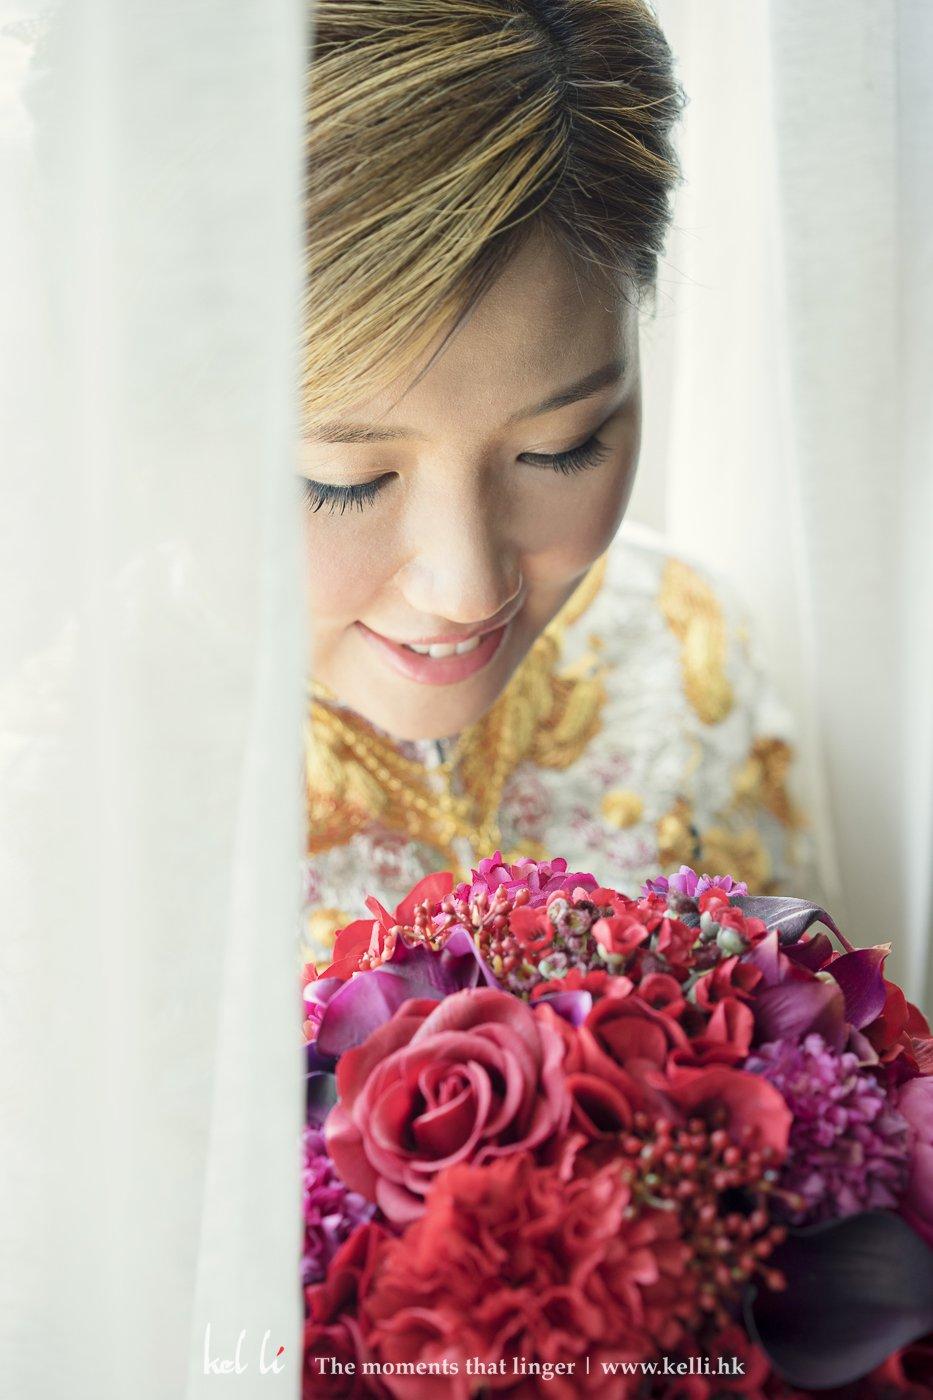 婚禮裡新娘的美媚